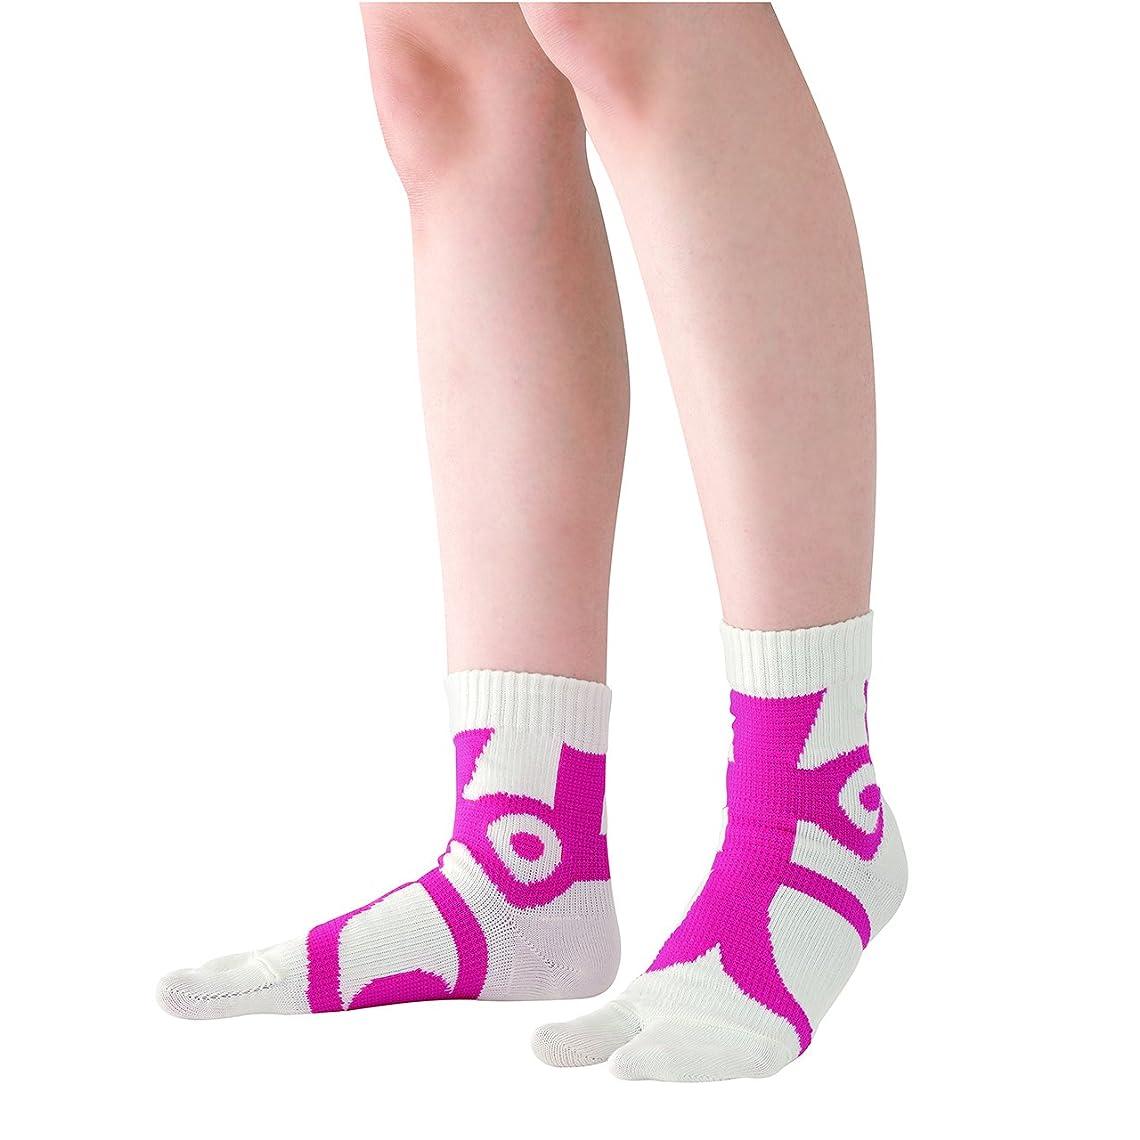 欲望意味するショッピングセンター快歩テーピング靴下 ホワイト×ピンク